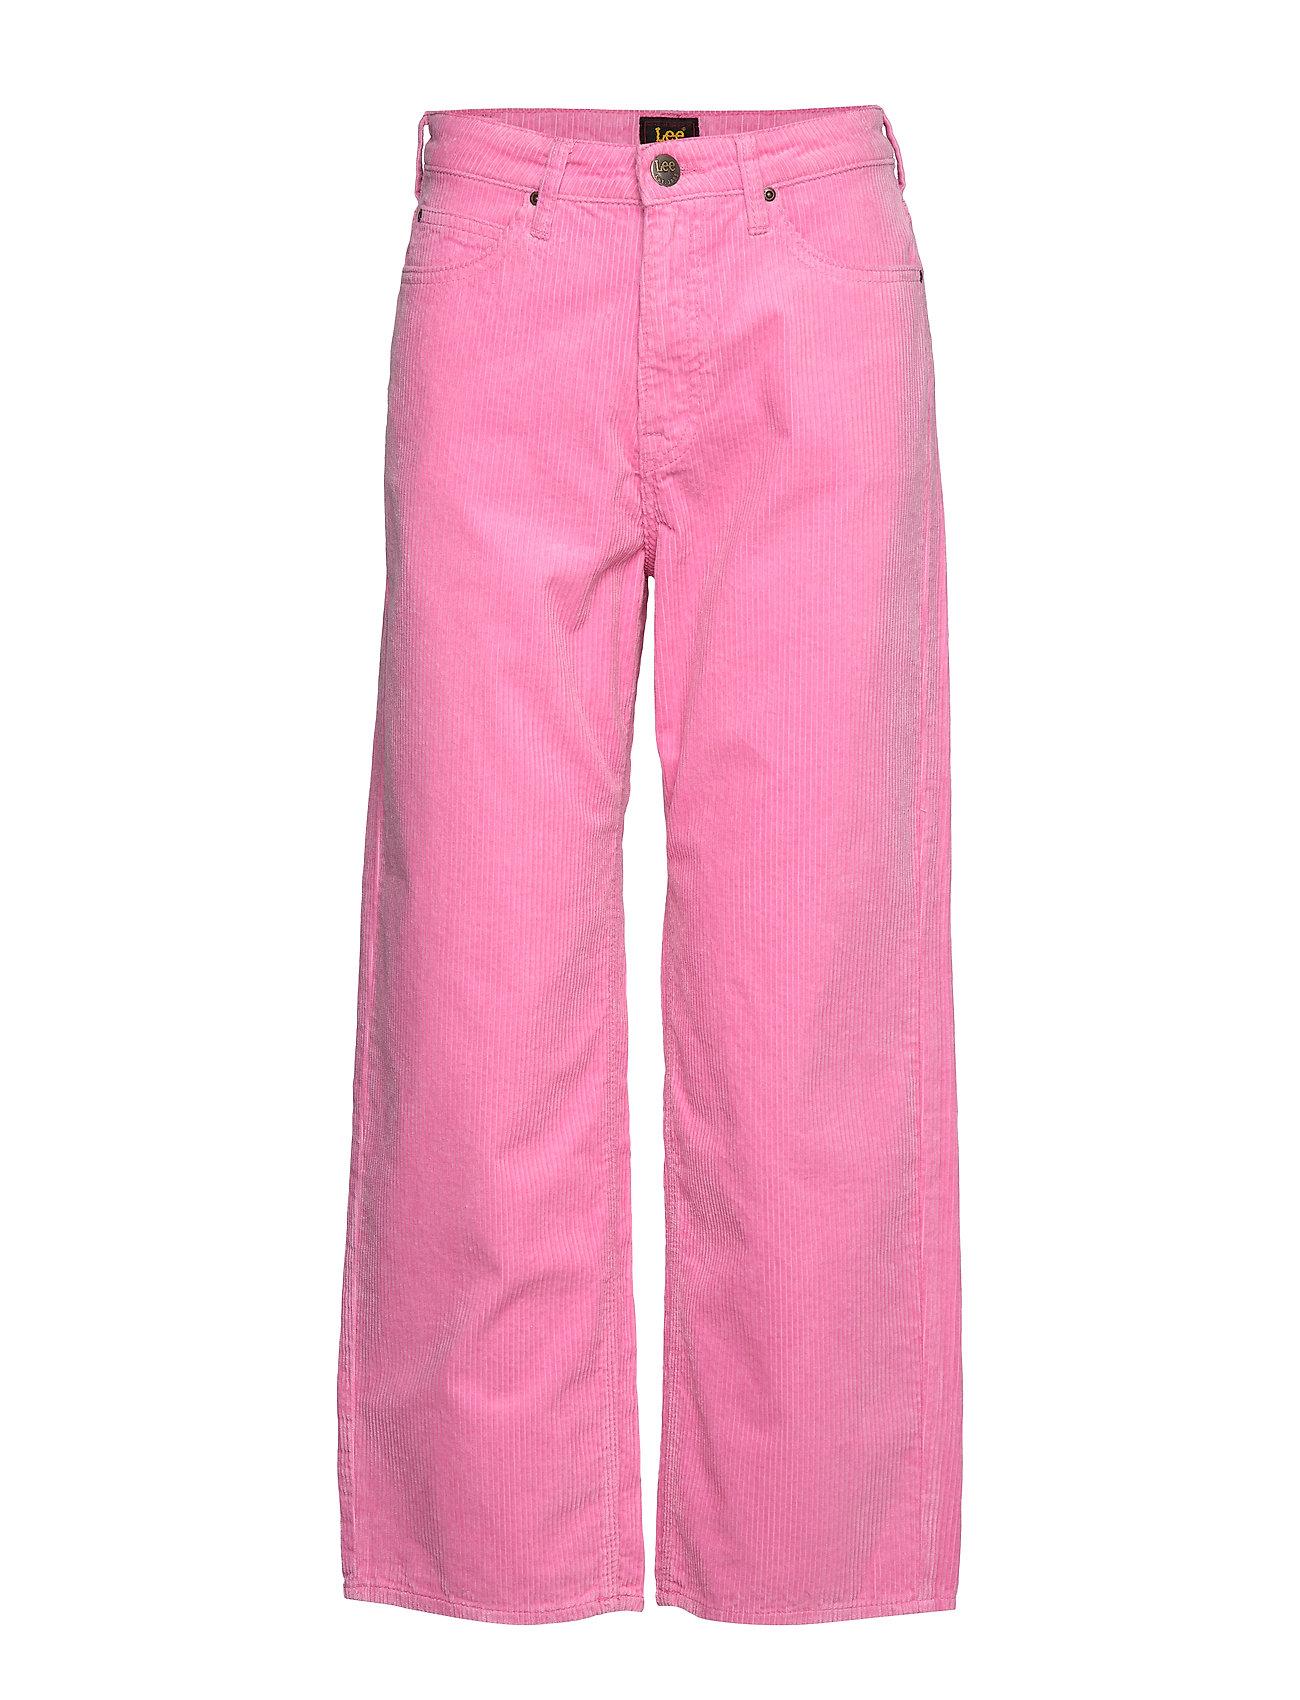 LEE 5 Pocket Wide Leg Hosen Mit Weitem Bein Pink LEE JEANS